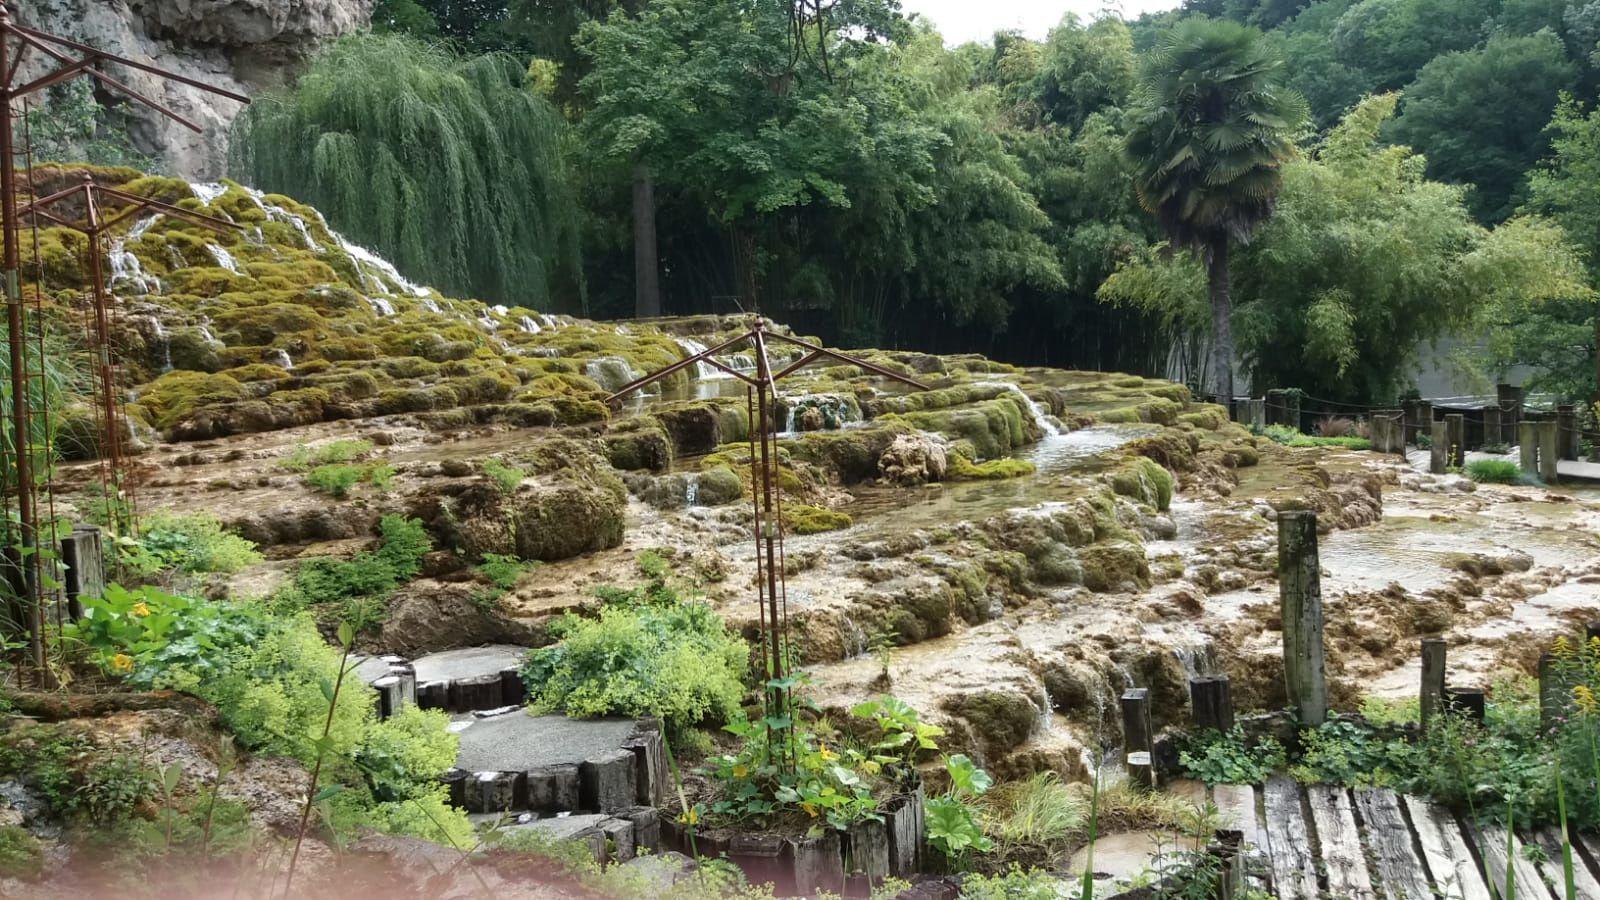 Depuis le plateau des Chambarans les eaux chargées de dioxyde de carbone circulent sous pression à travers les roches. Dès leur apparition à l'air libre le gaz s'échappe, le calcaire dissout réapparaît et se dépose sur le premier obstacle rencontré, en particulier sur les mousses qui sont recouvertes à la base mais continuent de pousser. Le tuf qui s'accroît de plusieurs centimètres par an est le nom donné à cette roche formée par des végétaux pétrifiés